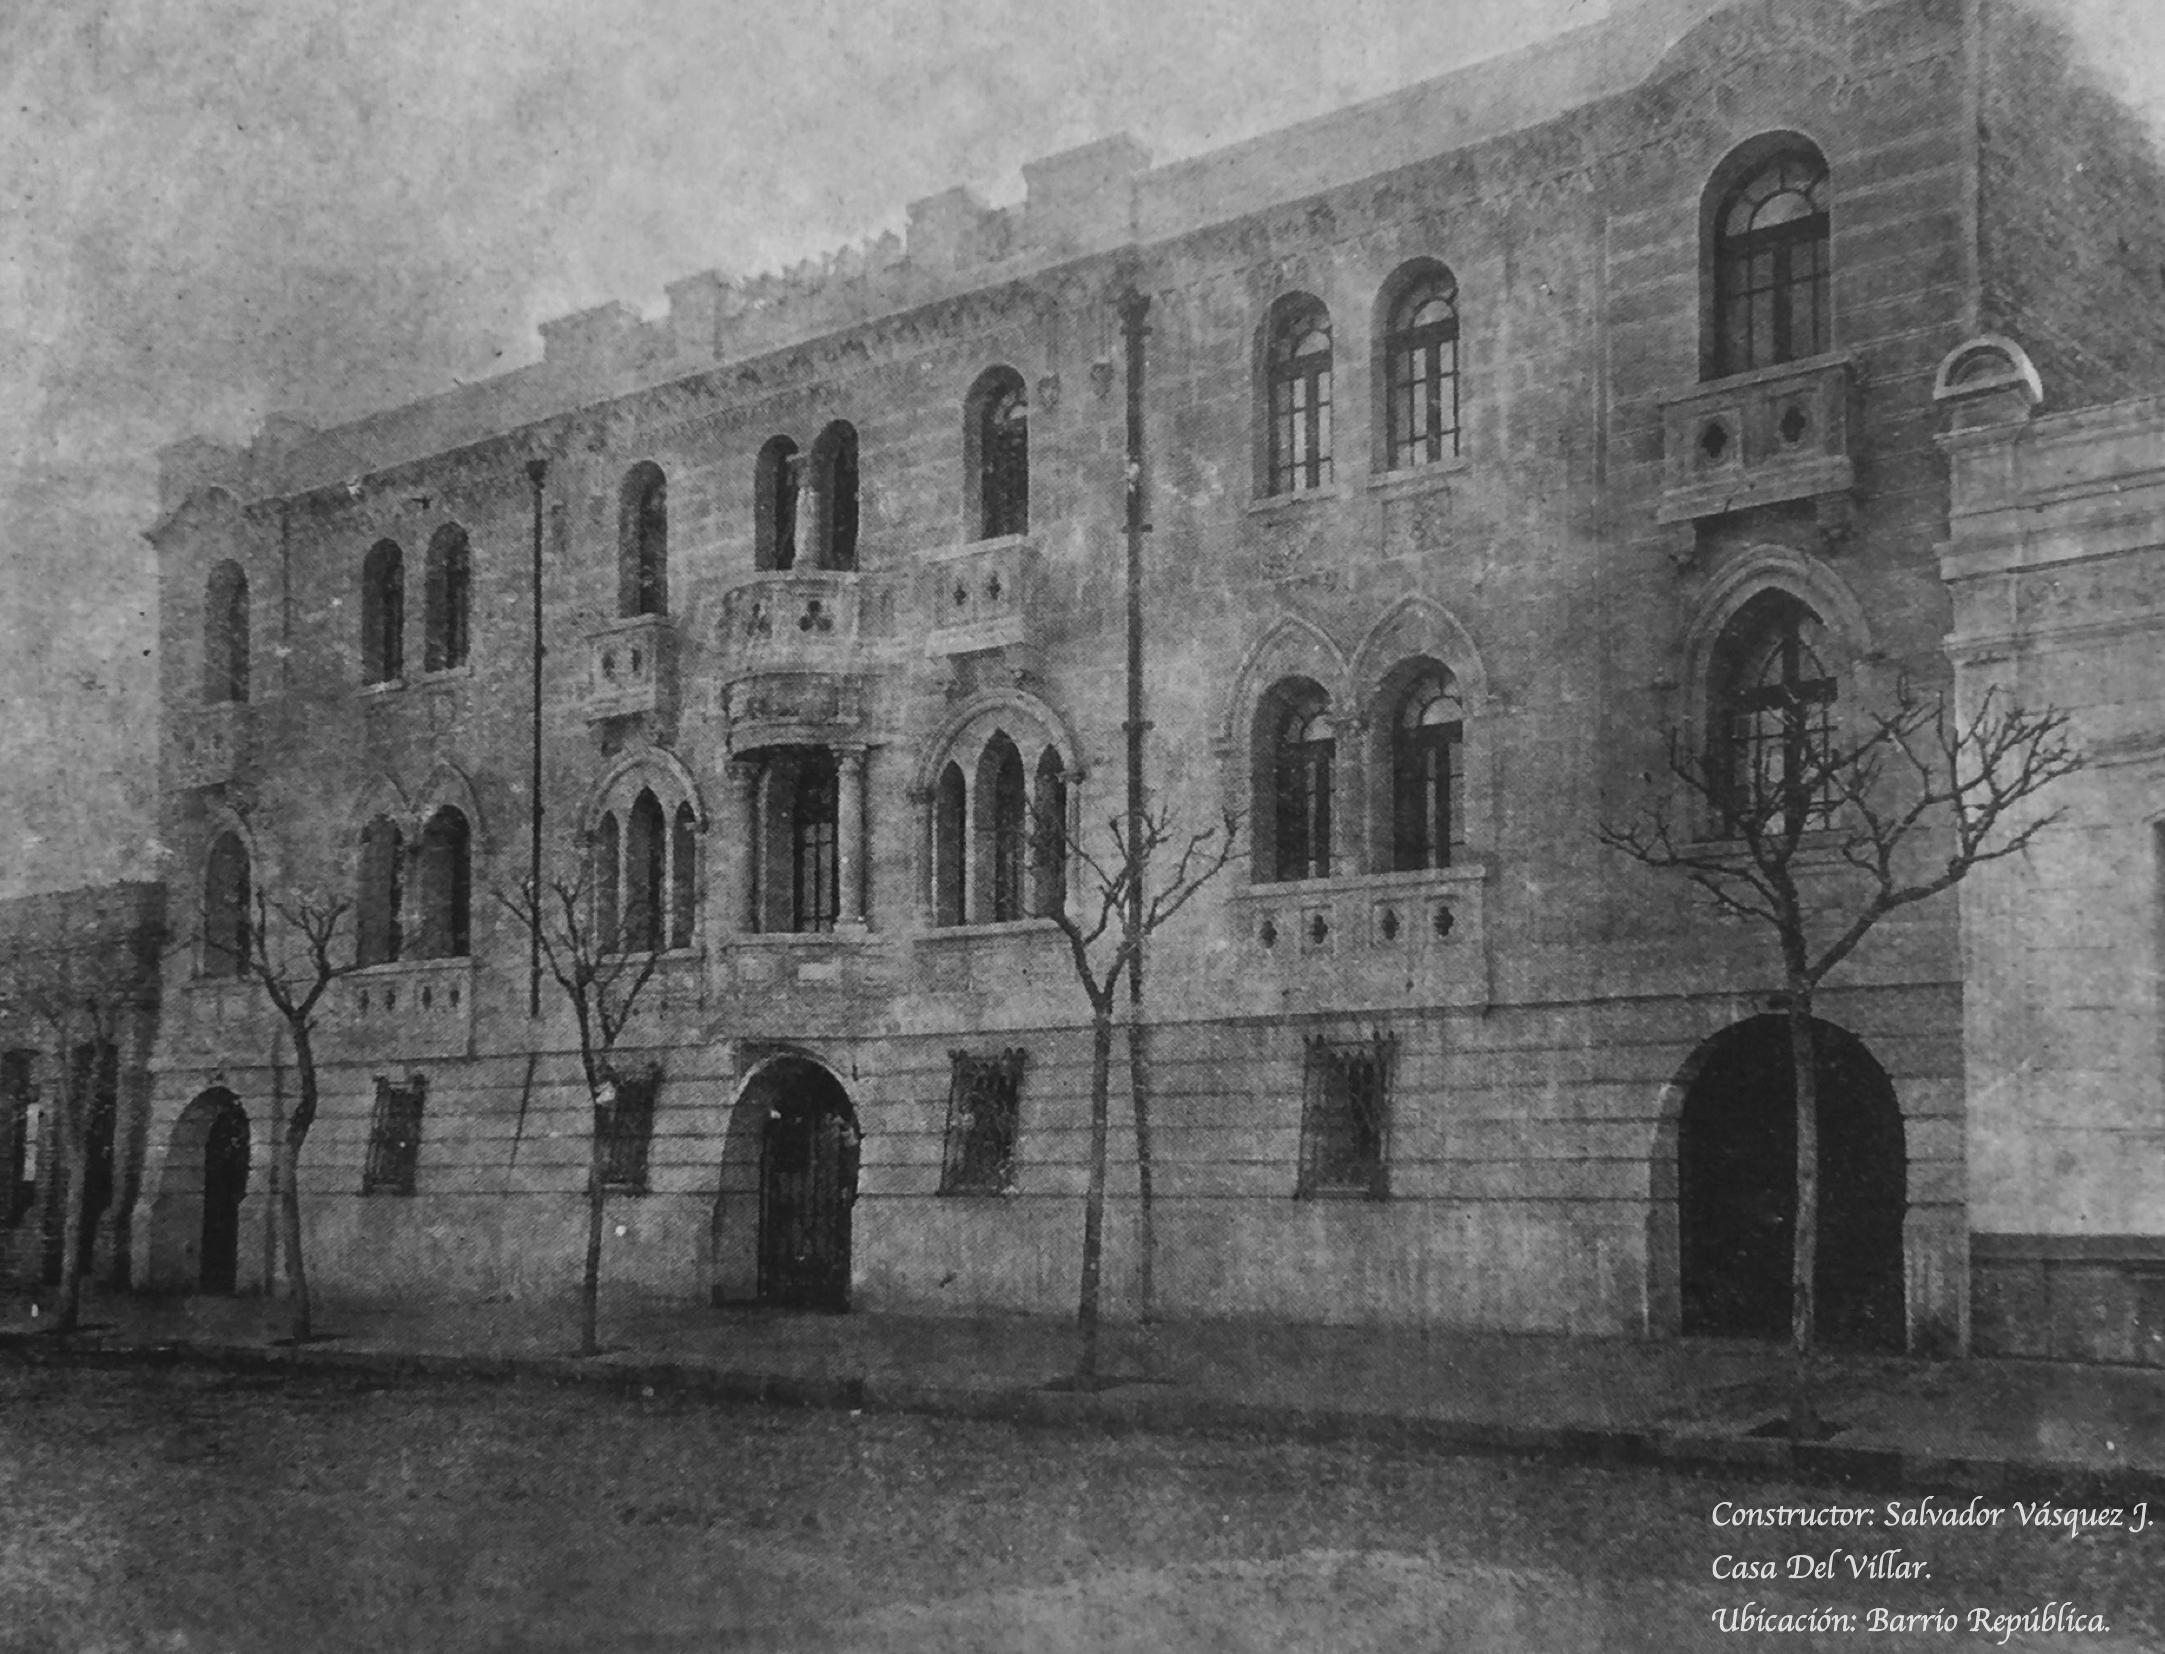 Enterreno - Fotos históricas de chile - fotos antiguas de Chile - Casa del Villar de Santiago en 1923